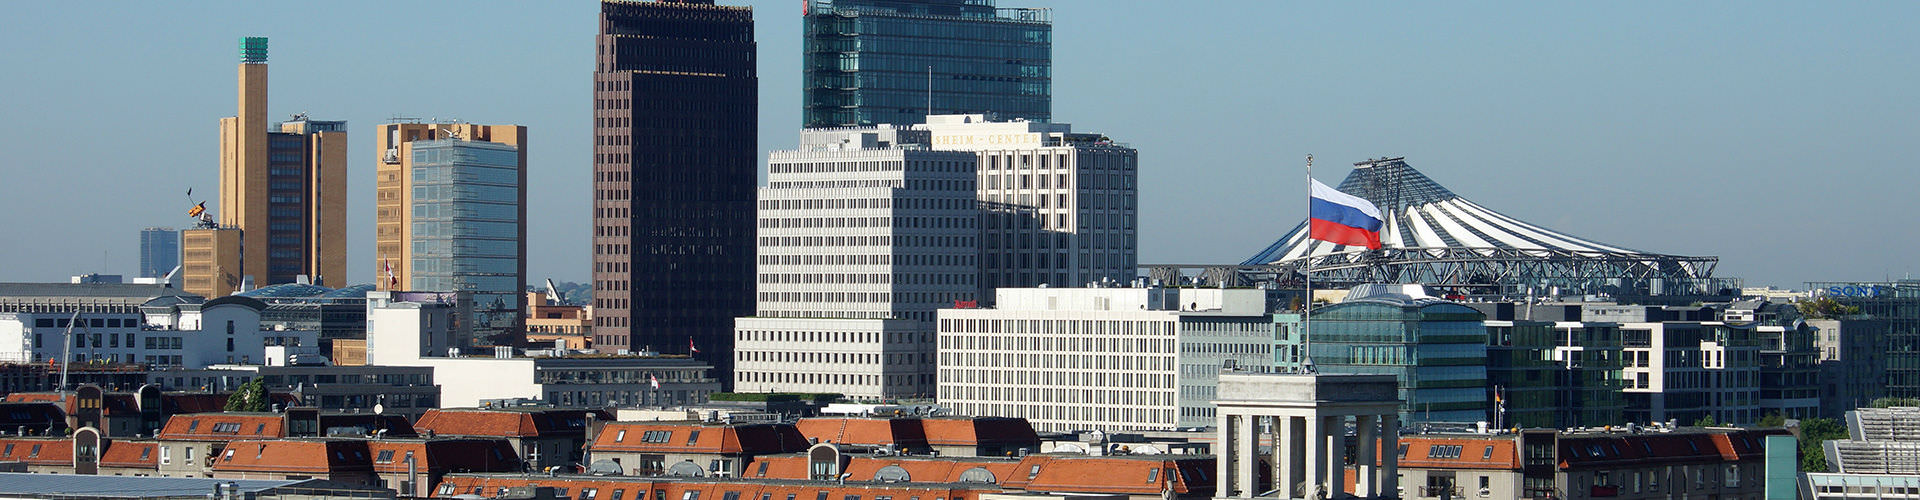 Berlim – Albergues próximos a Potsdamer Platz. Mapas para Berlim, Fotos e Avaliações para cada Albergue em Berlim.